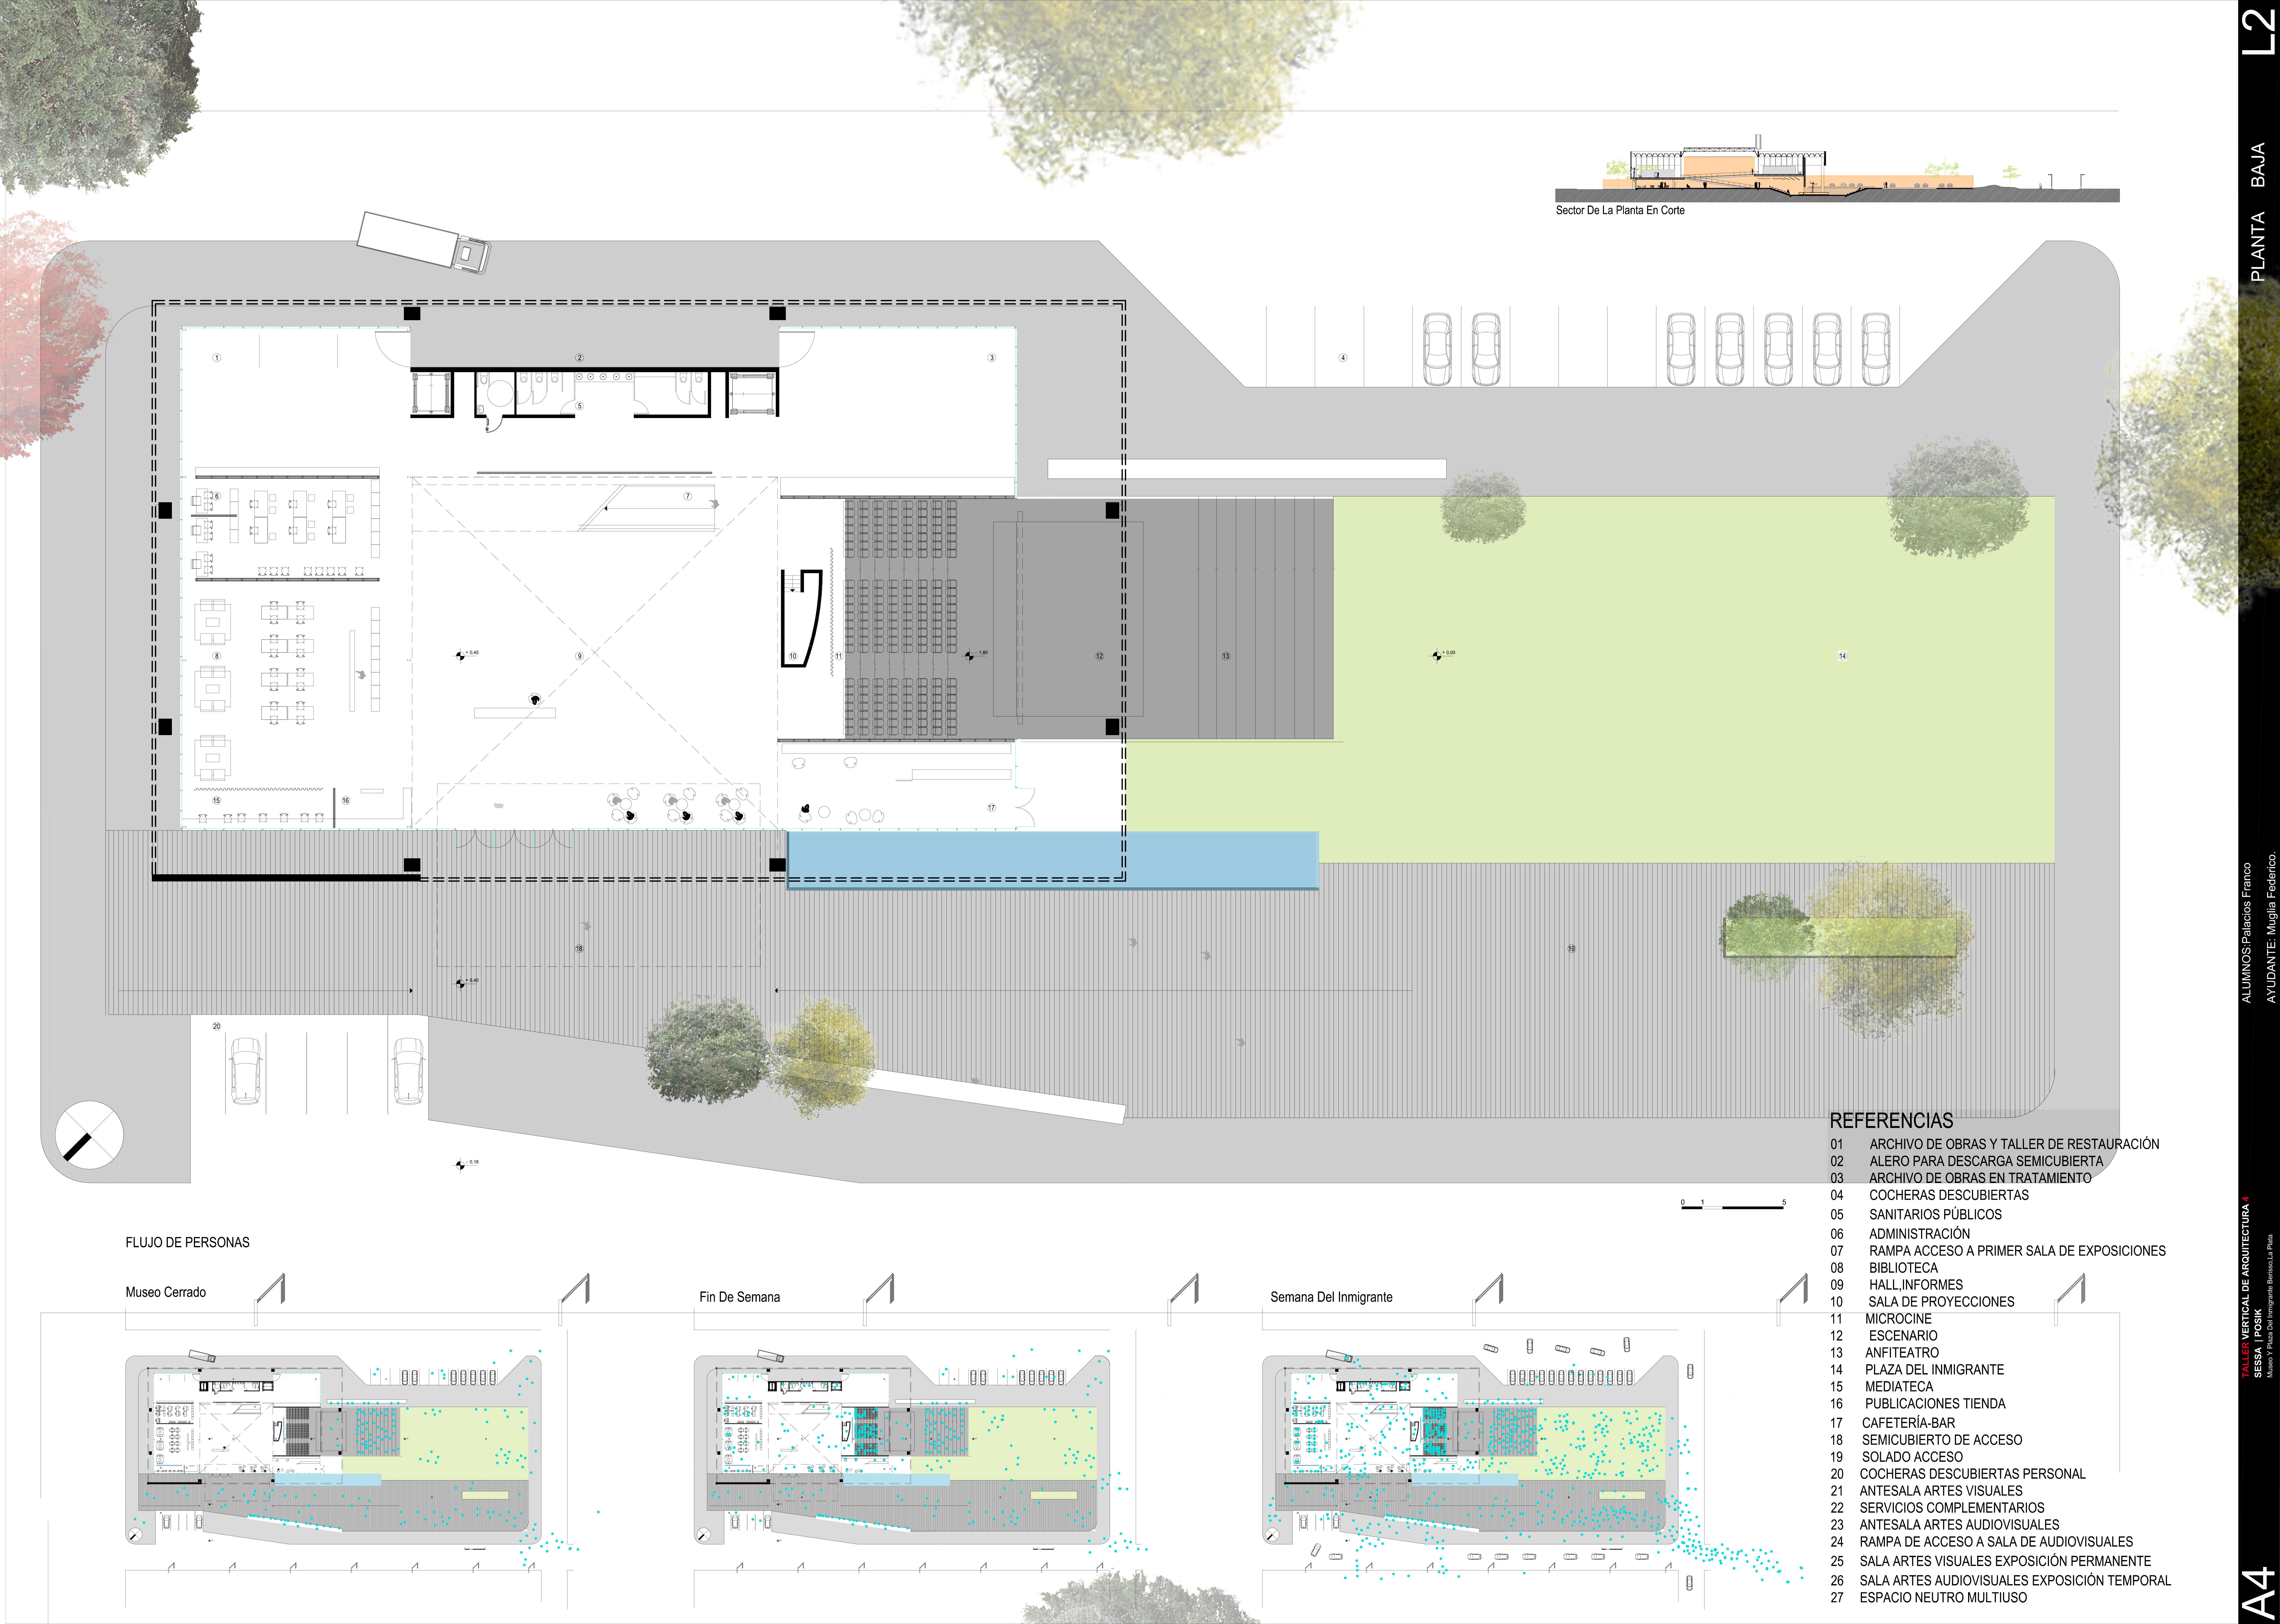 Museo Y Plaza entregaa PLANTA BAJA